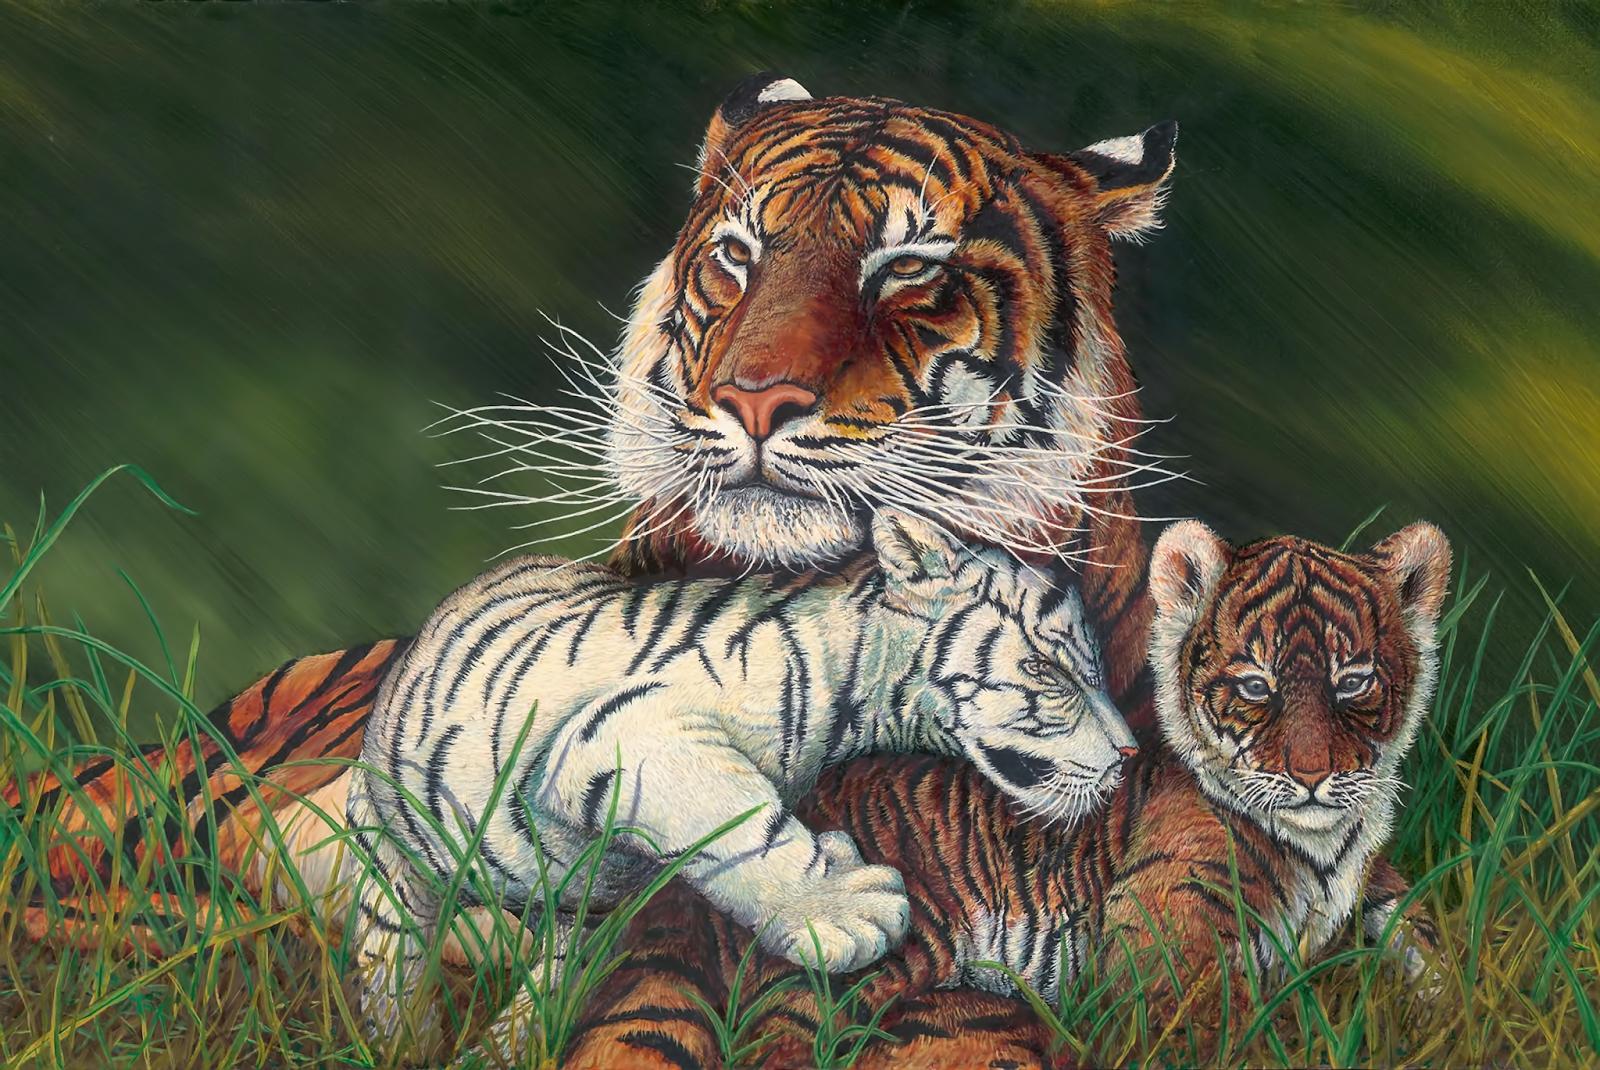 WhiteTiger0124.png 3600x2408x24(RGB) #white #tiger  #animal #endangered #predator #majestic